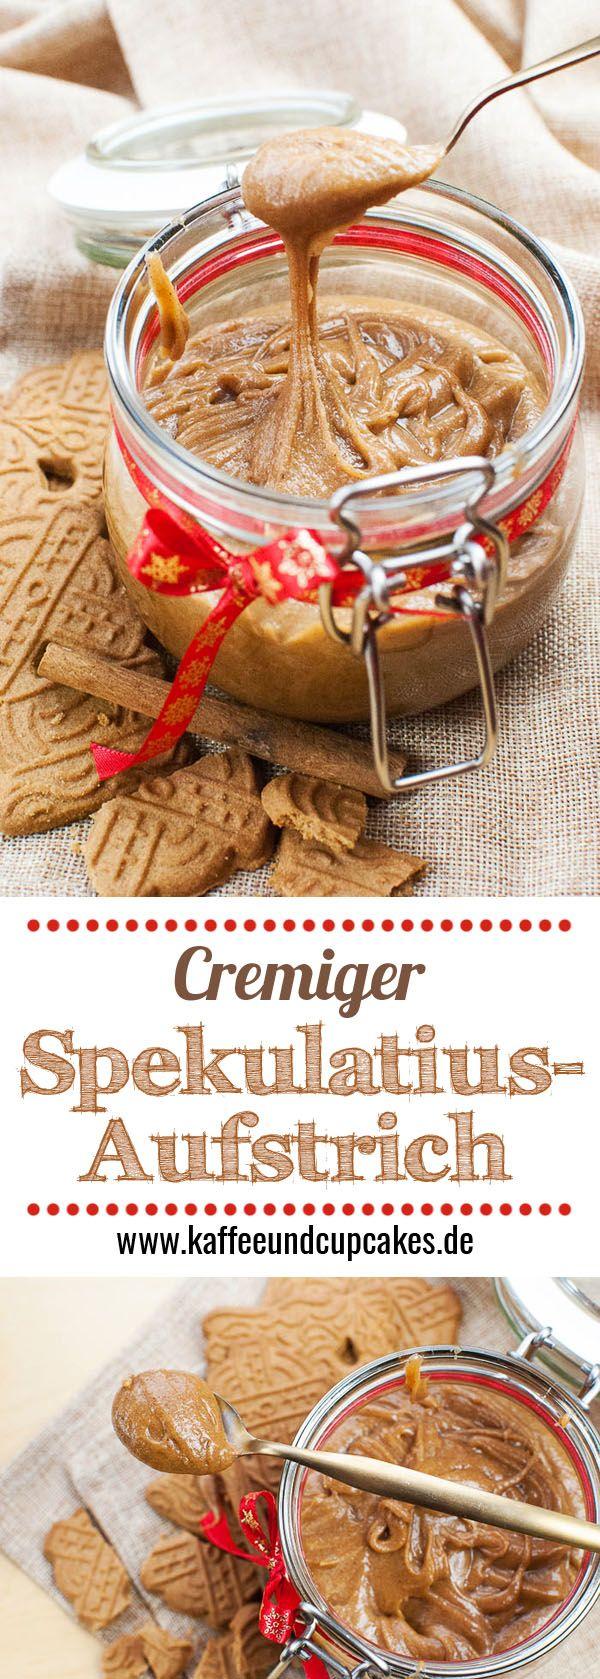 Cremiger Spekulatius-Aufstrich #fooddiy